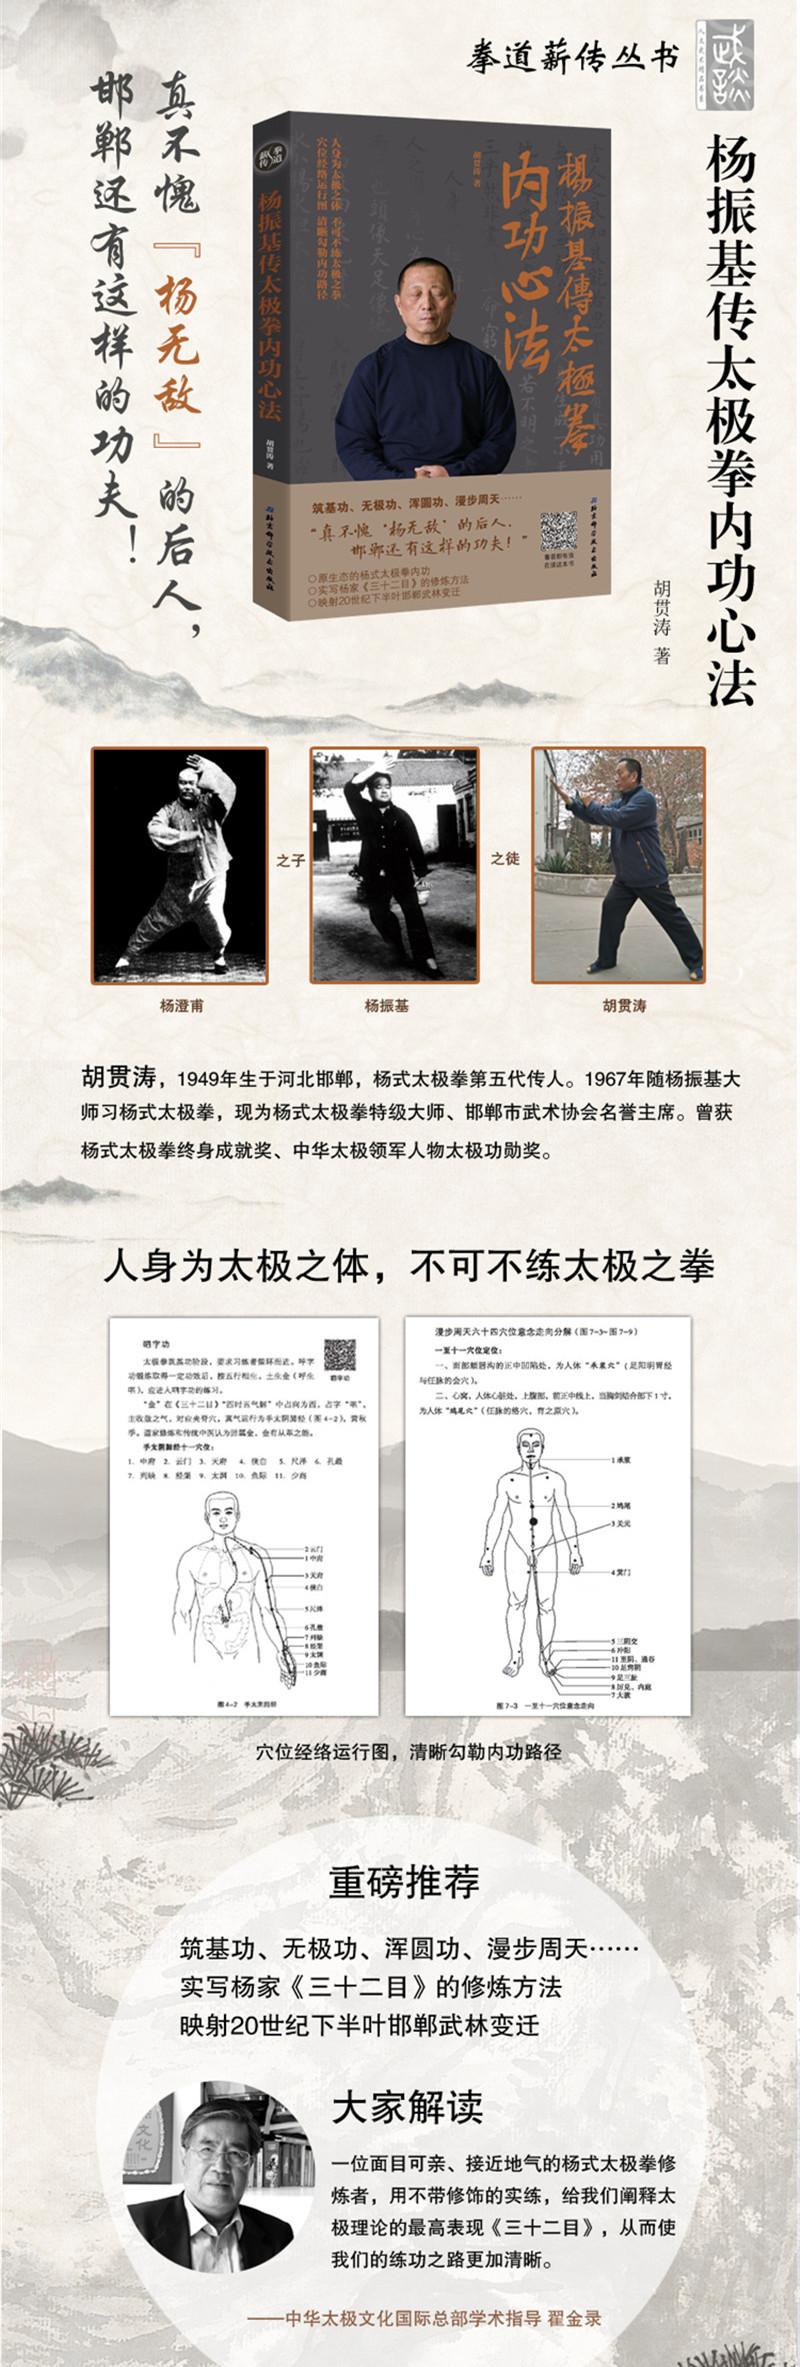 楊振基伝太極拳内功心法